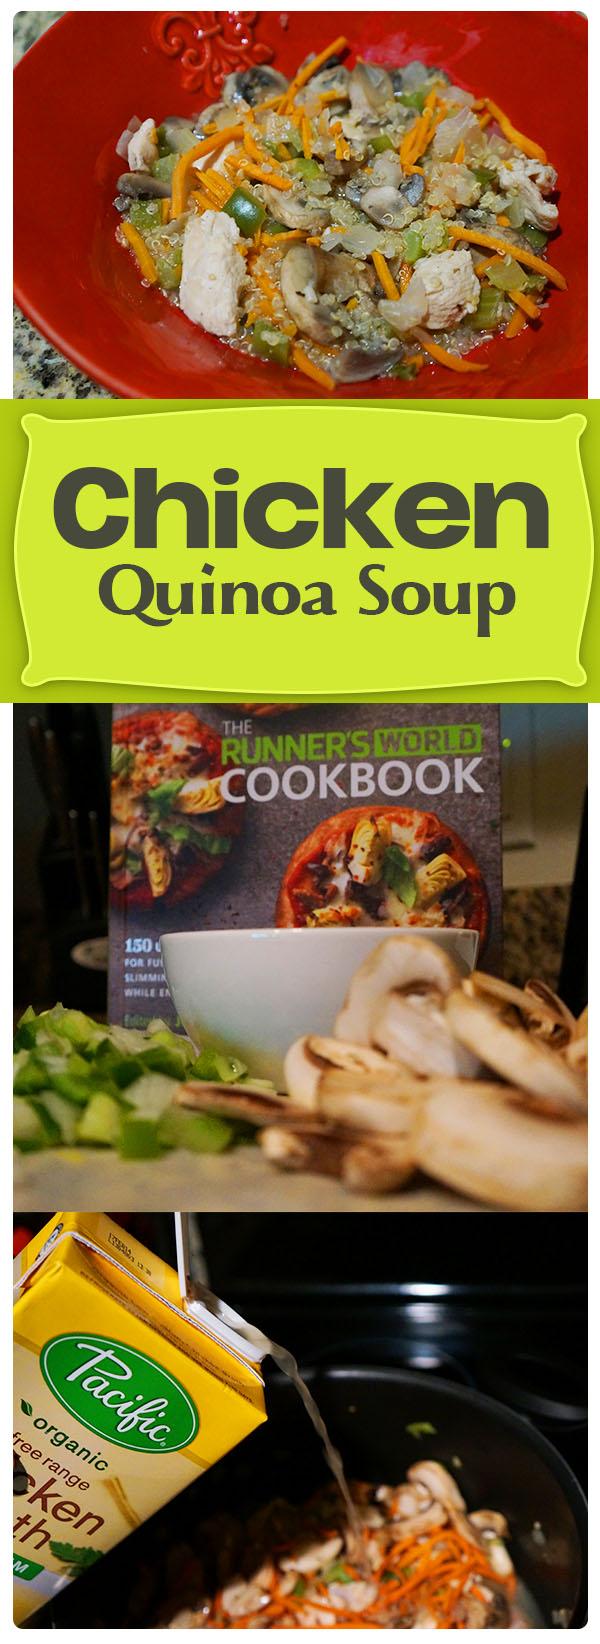 Chicken Quinoa Soup - a gluten free healthy recipe make over of a classic